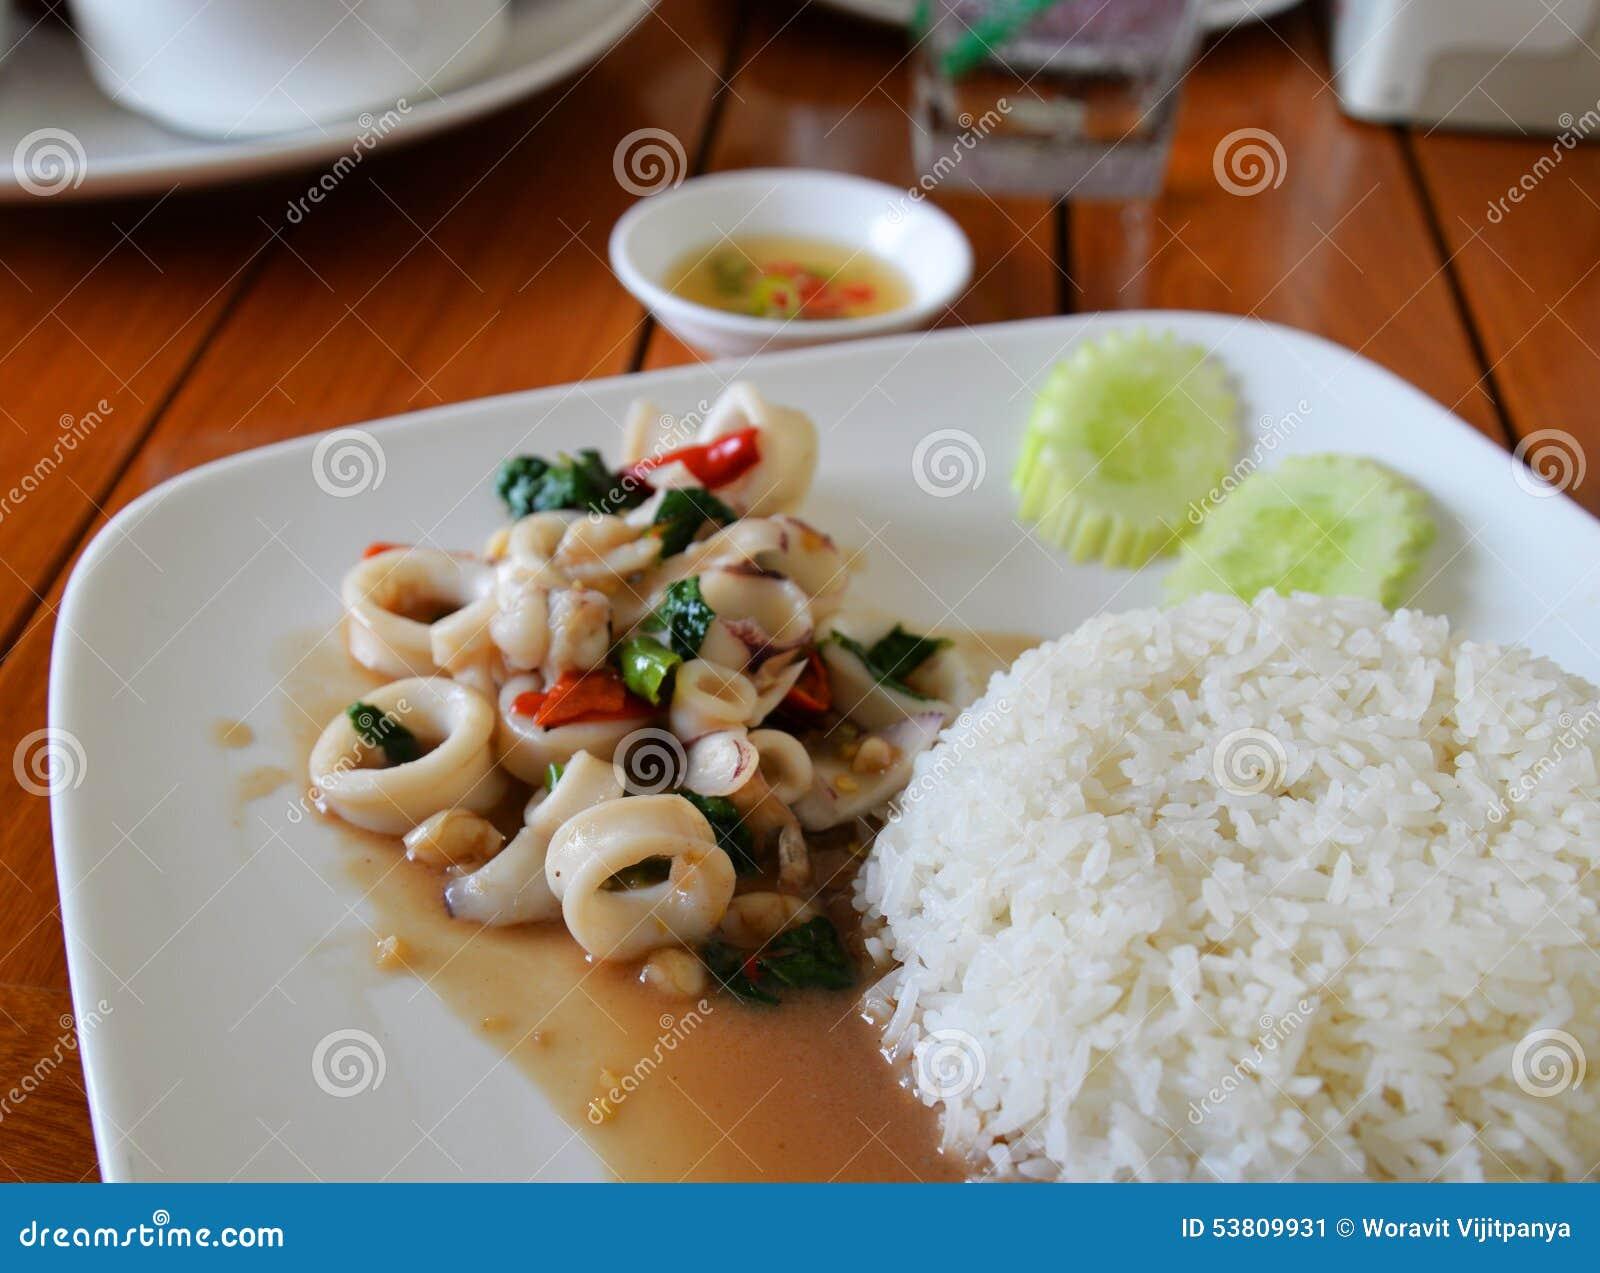 thai basil squid recipes dishmaps collins thai basil squid squid ...